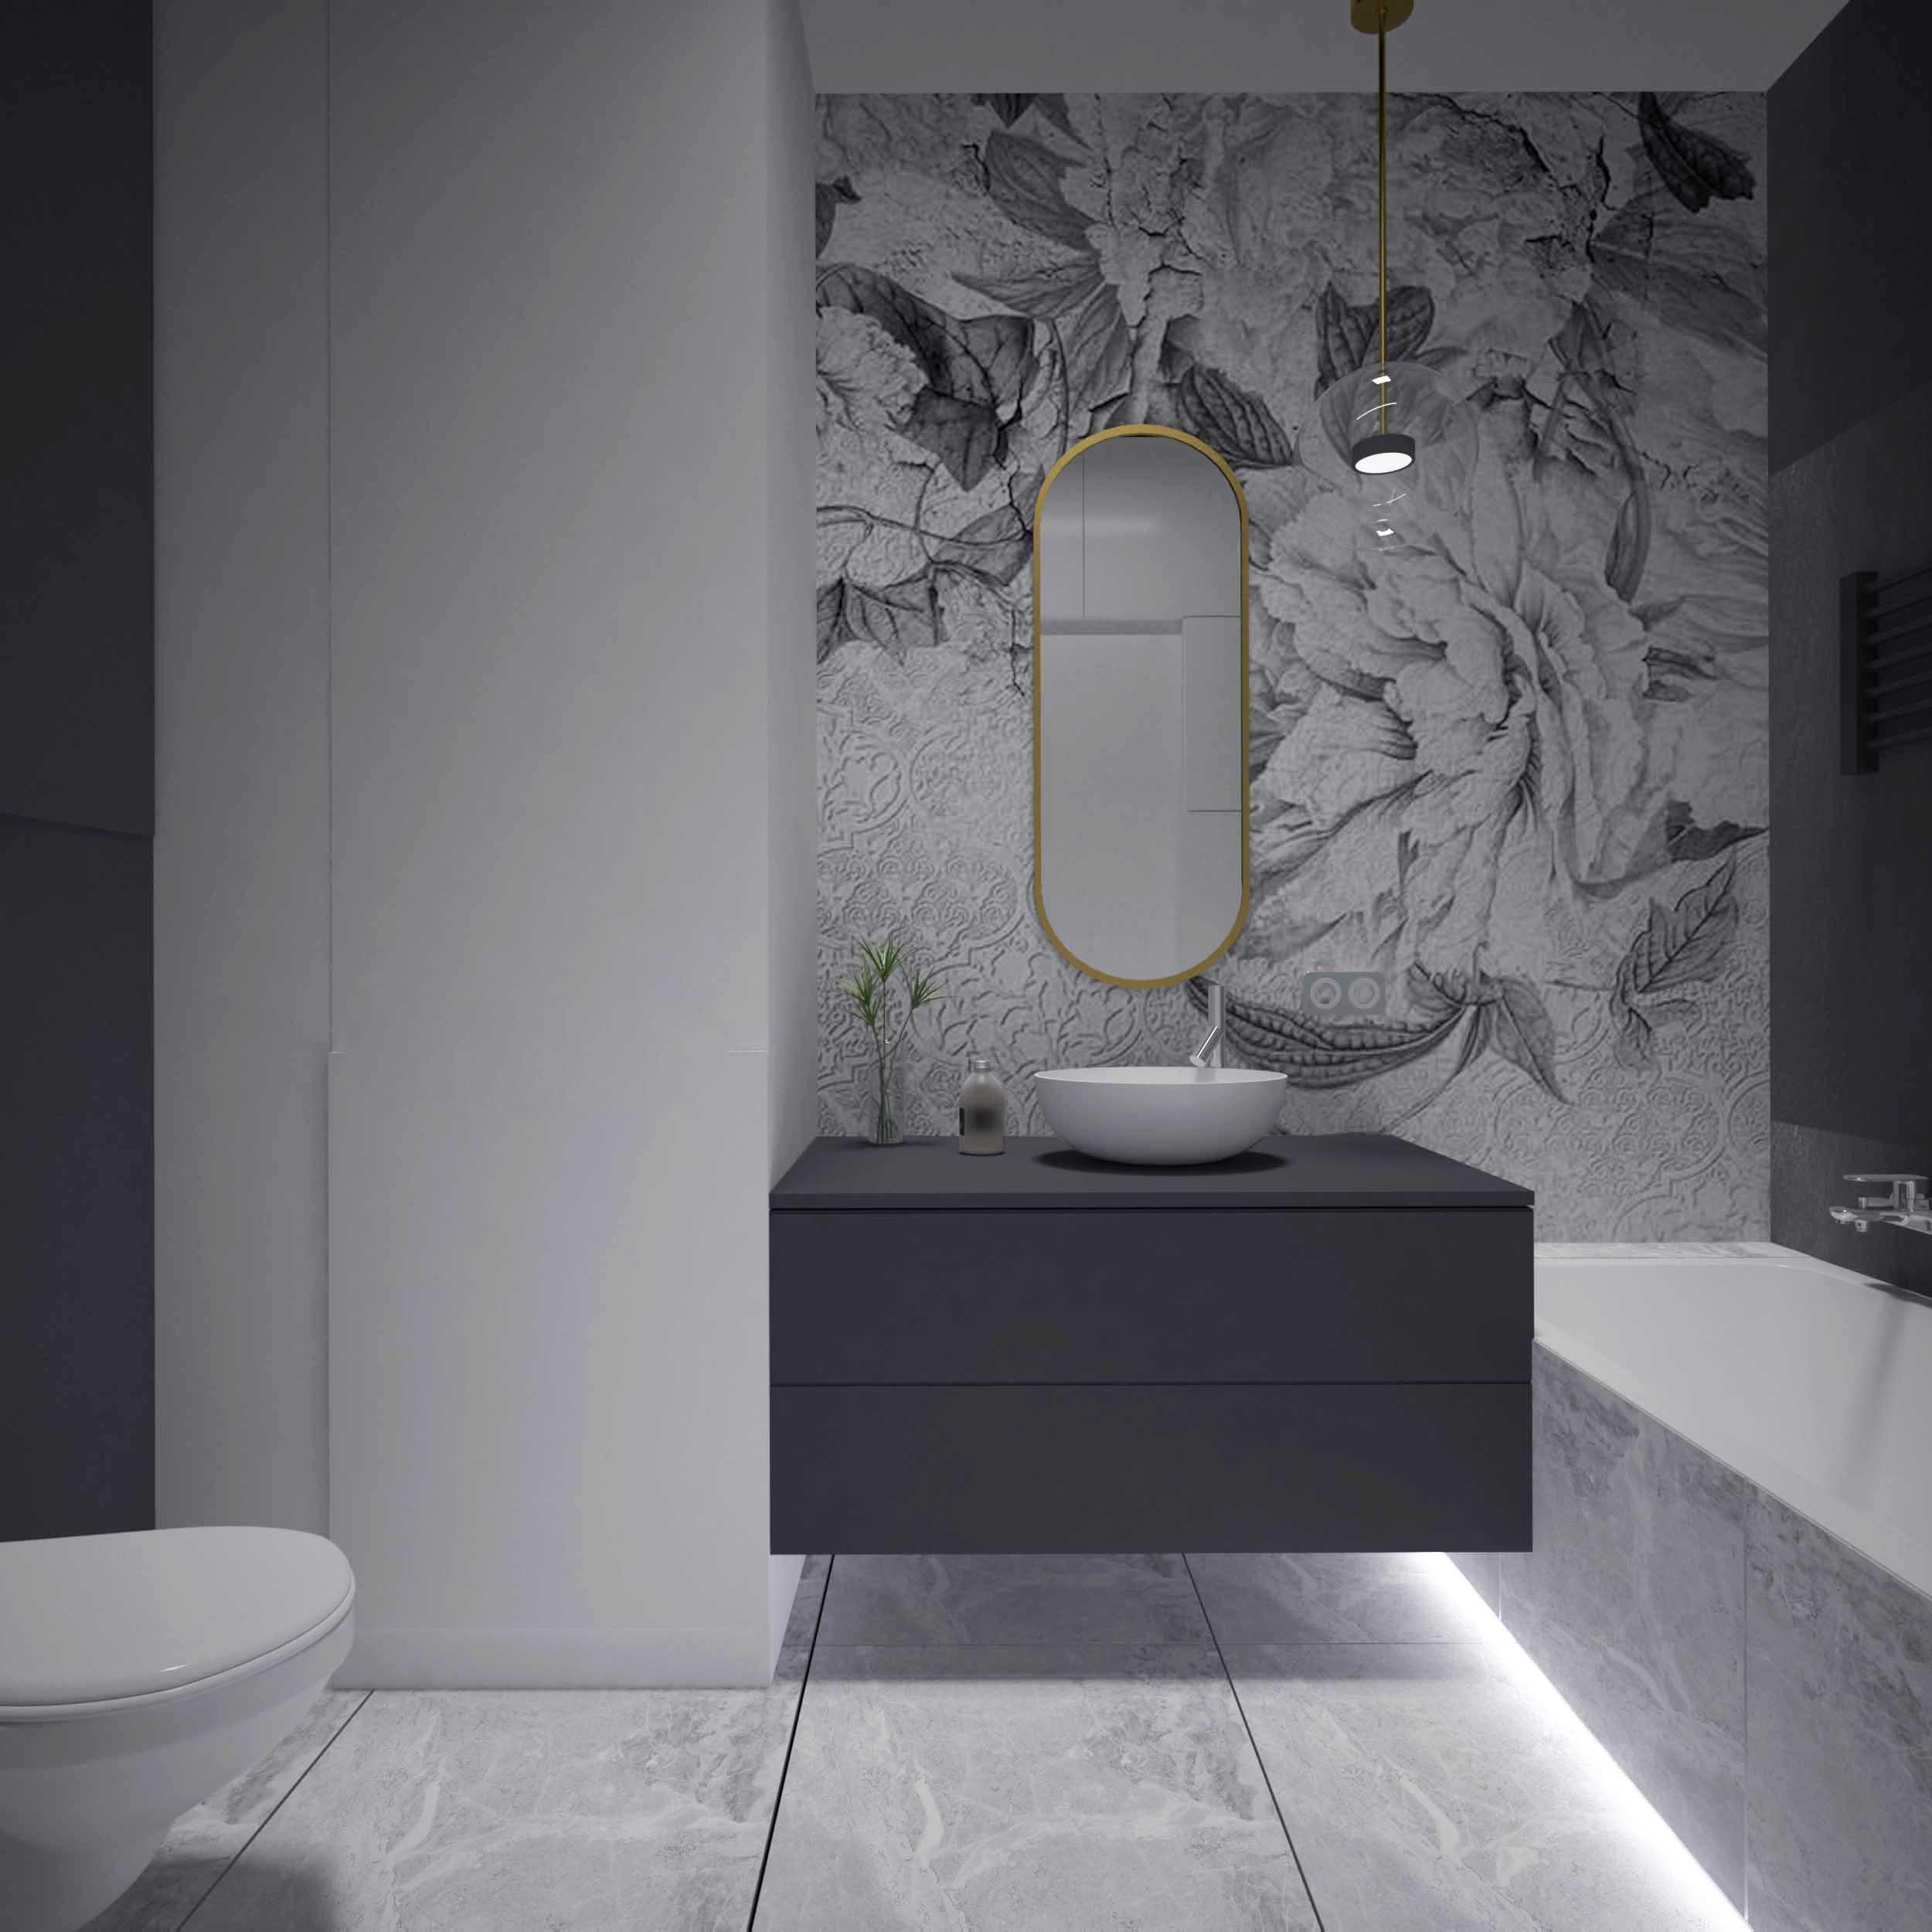 Projekt eleganckiej nowoczesnej łazienki